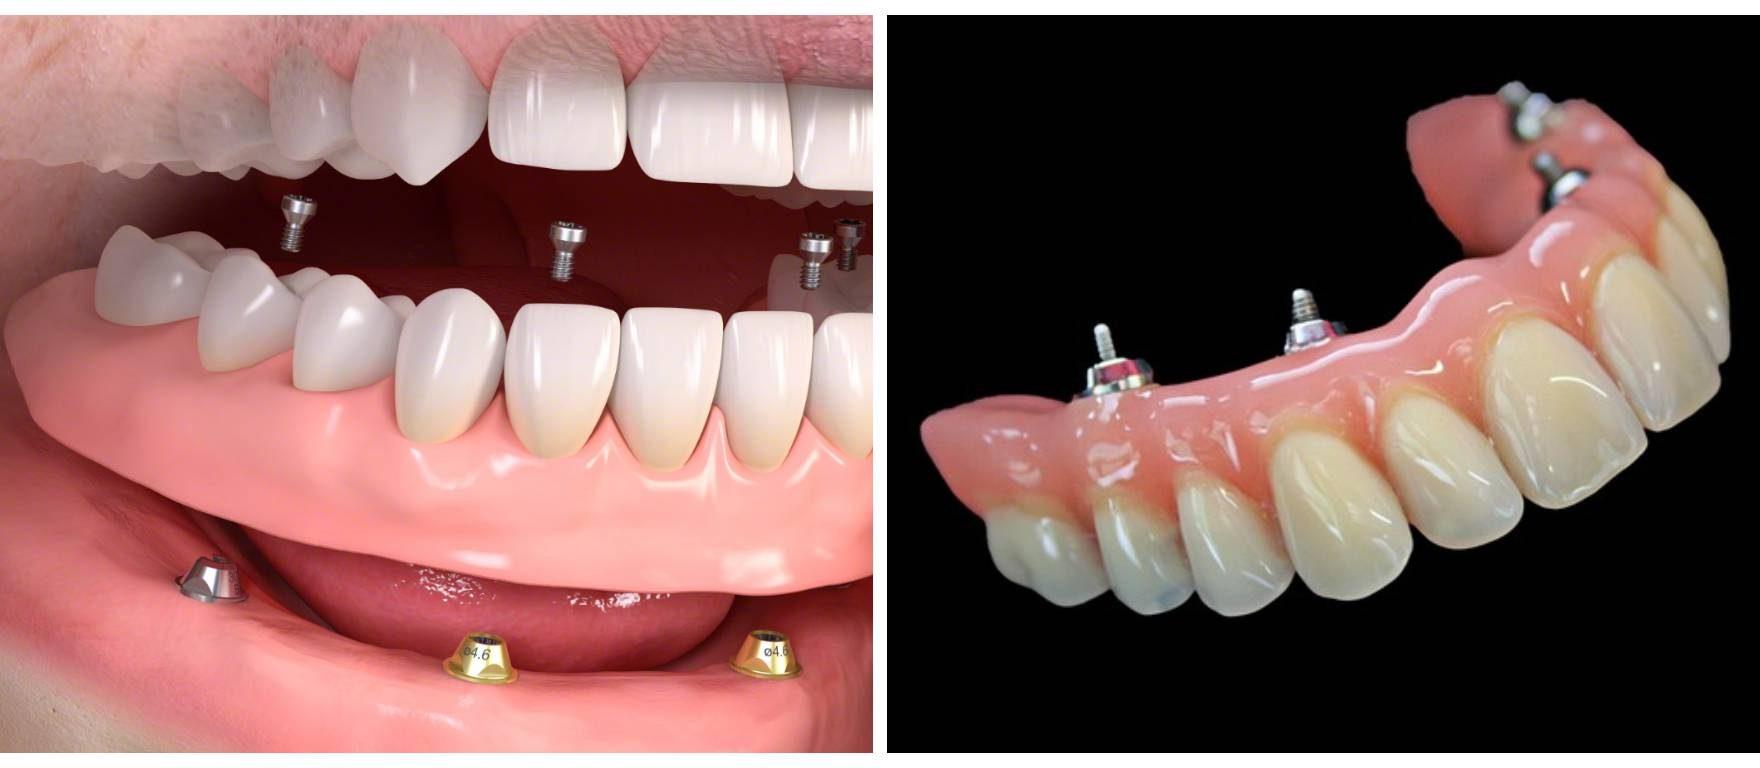 impianto all on four deluzio dentista bari dentista rutigliano